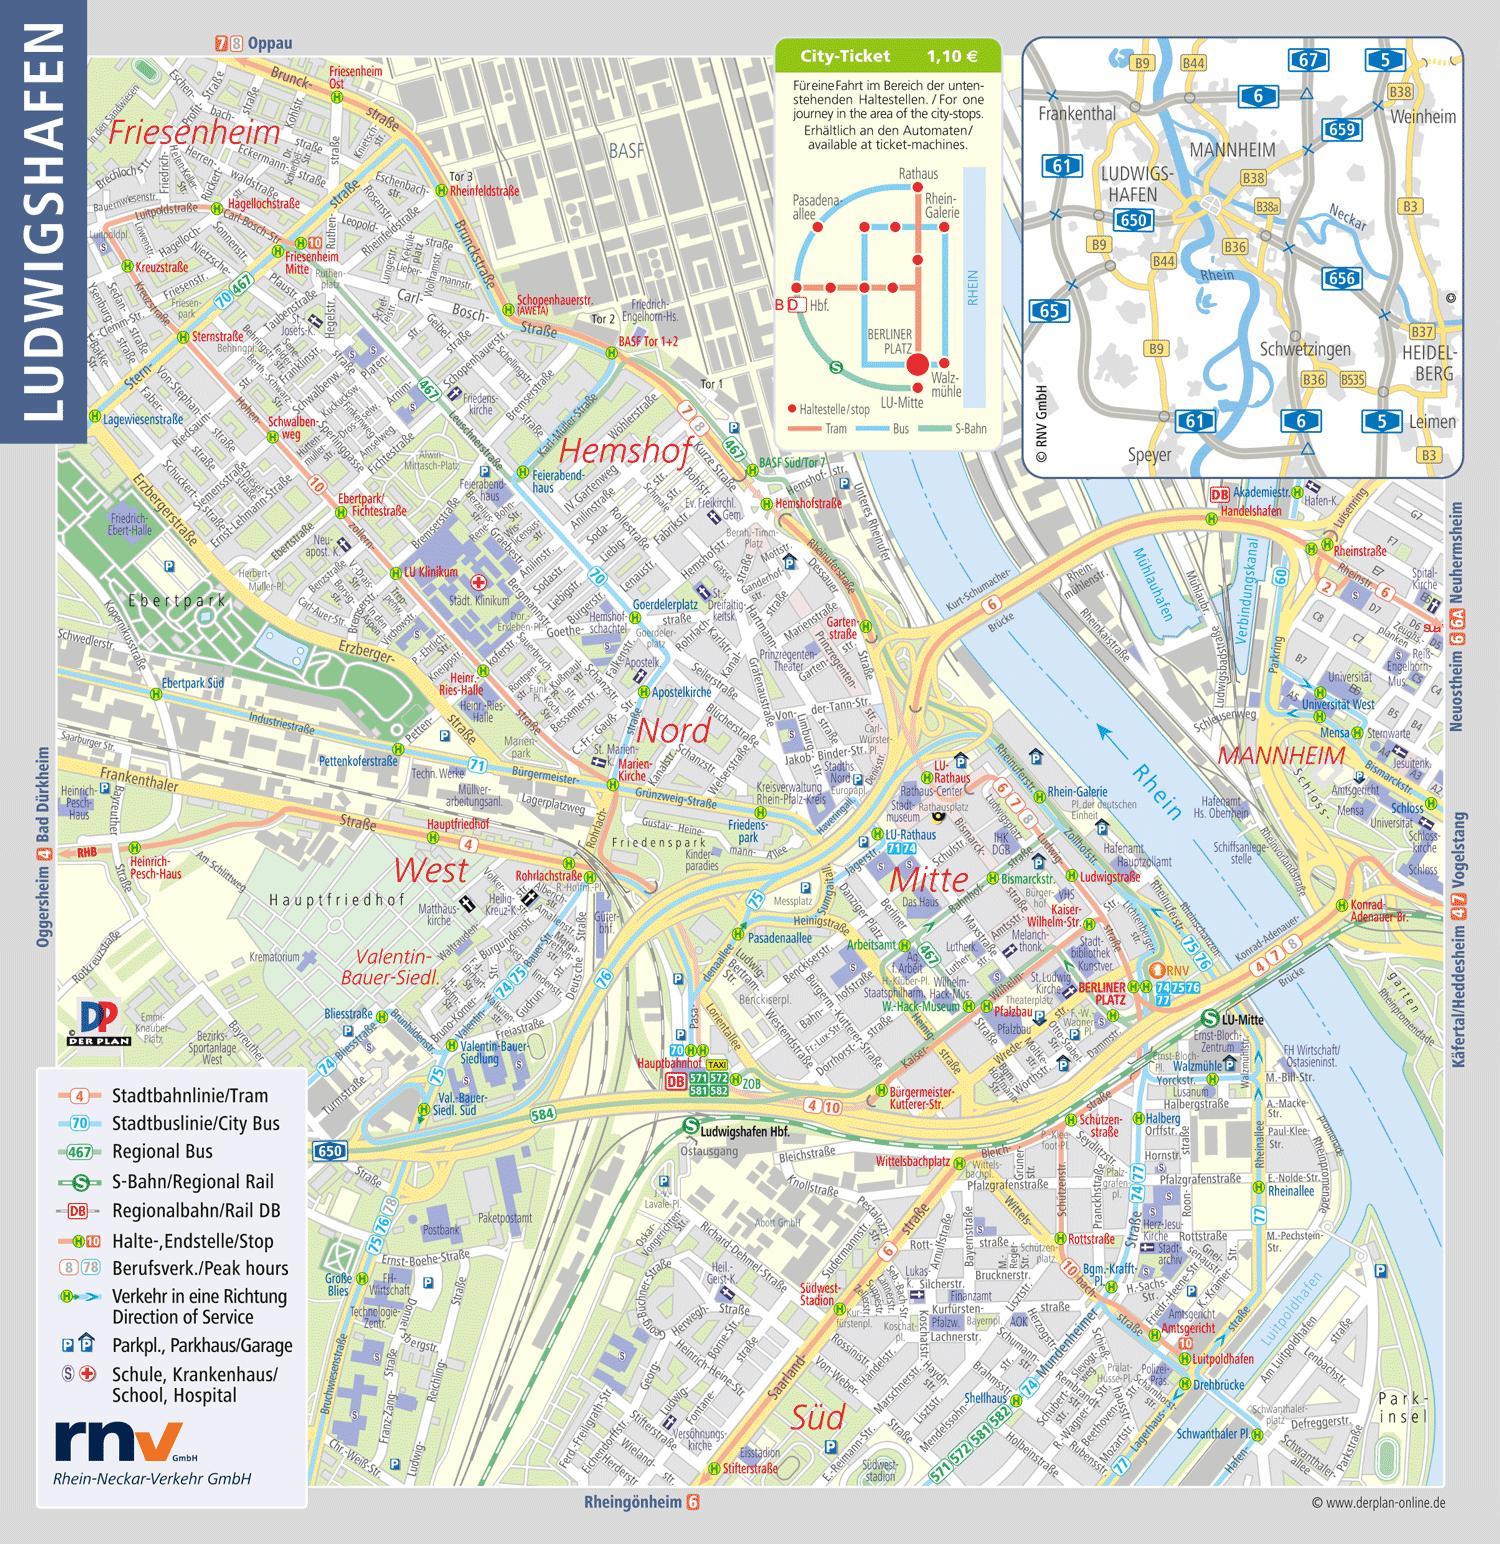 Stadtplanausschnitt Ludwigshafen